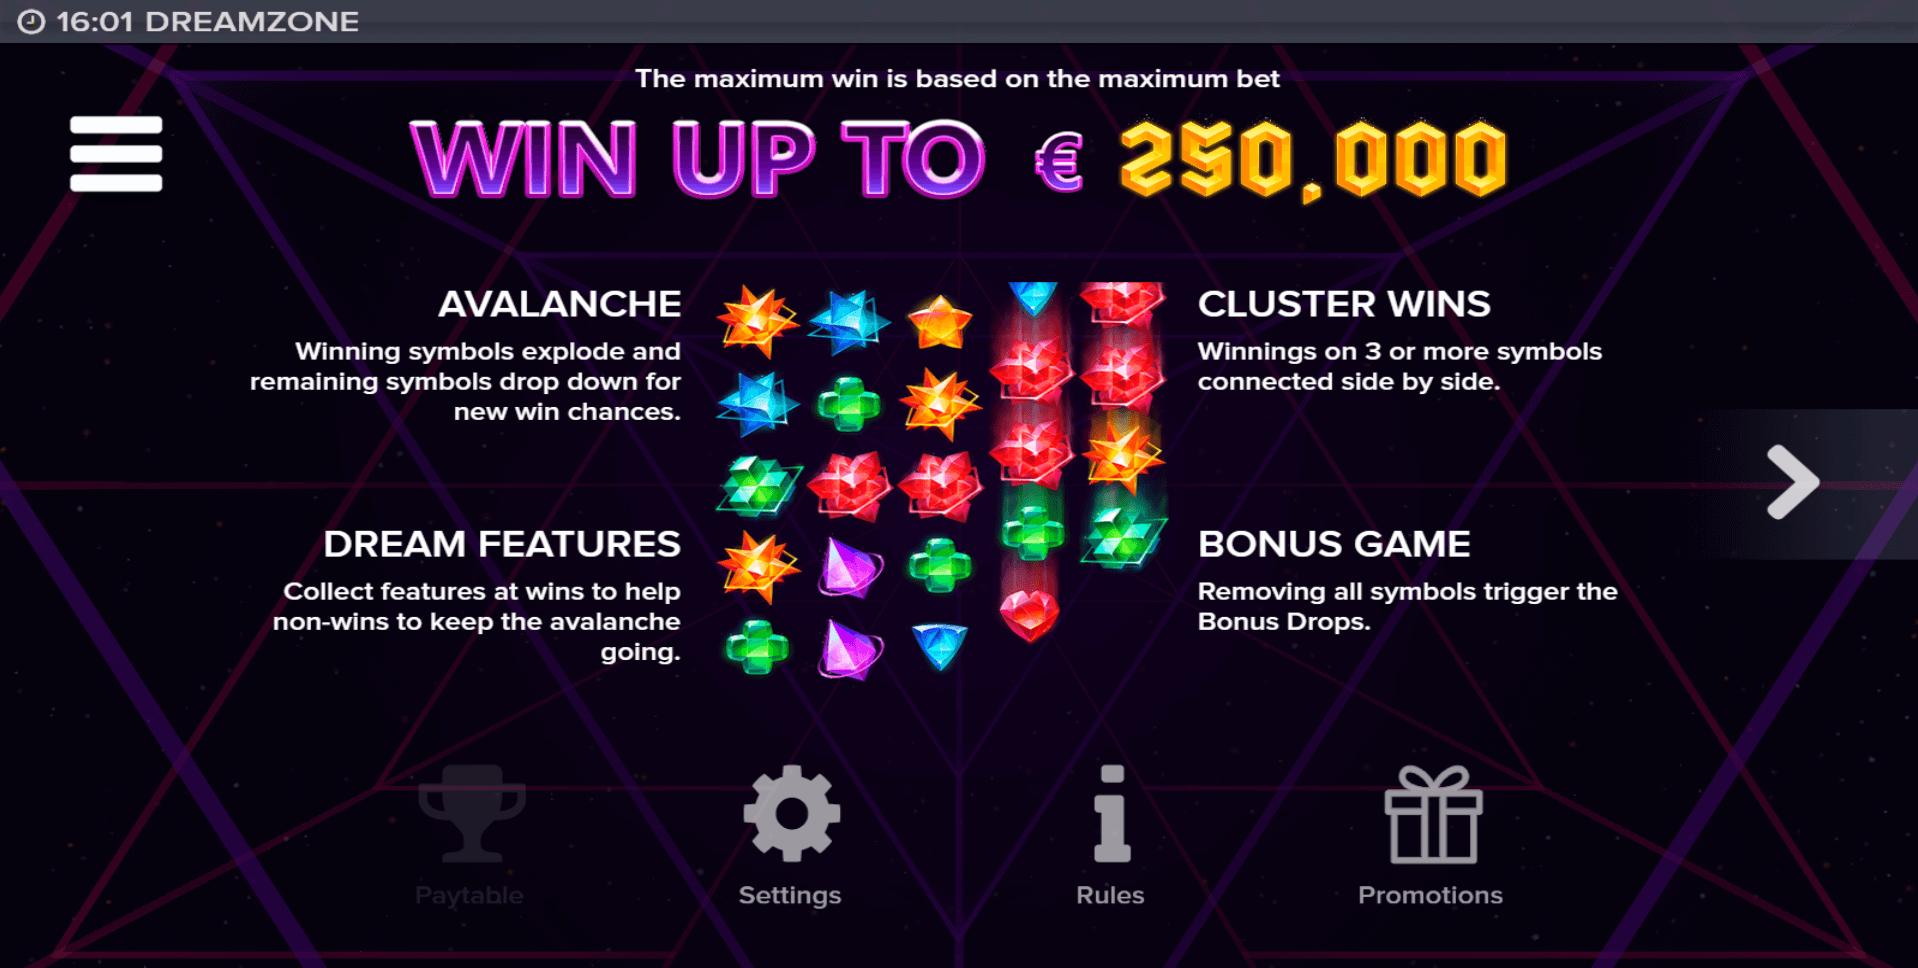 Dreamzone Slot Machine